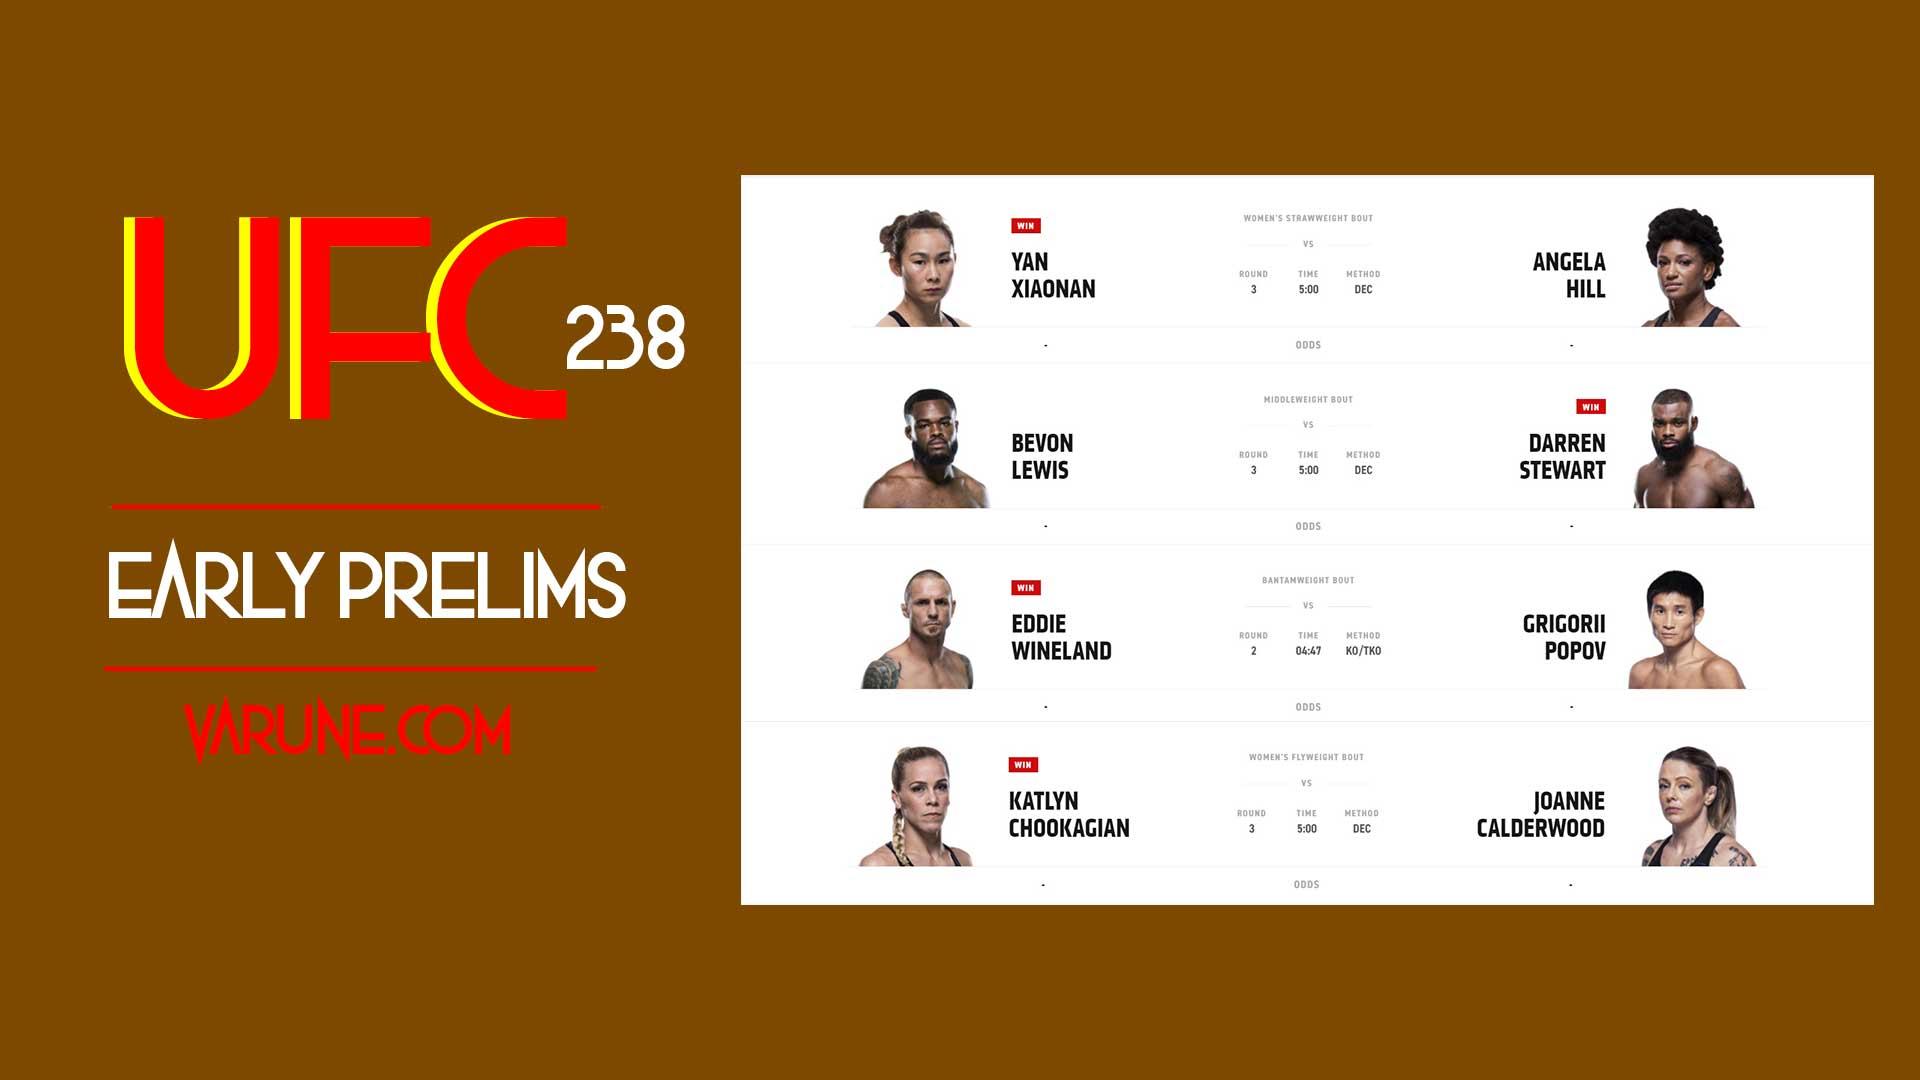 کارت ارلی پریلیمز مبارزات UFC 238